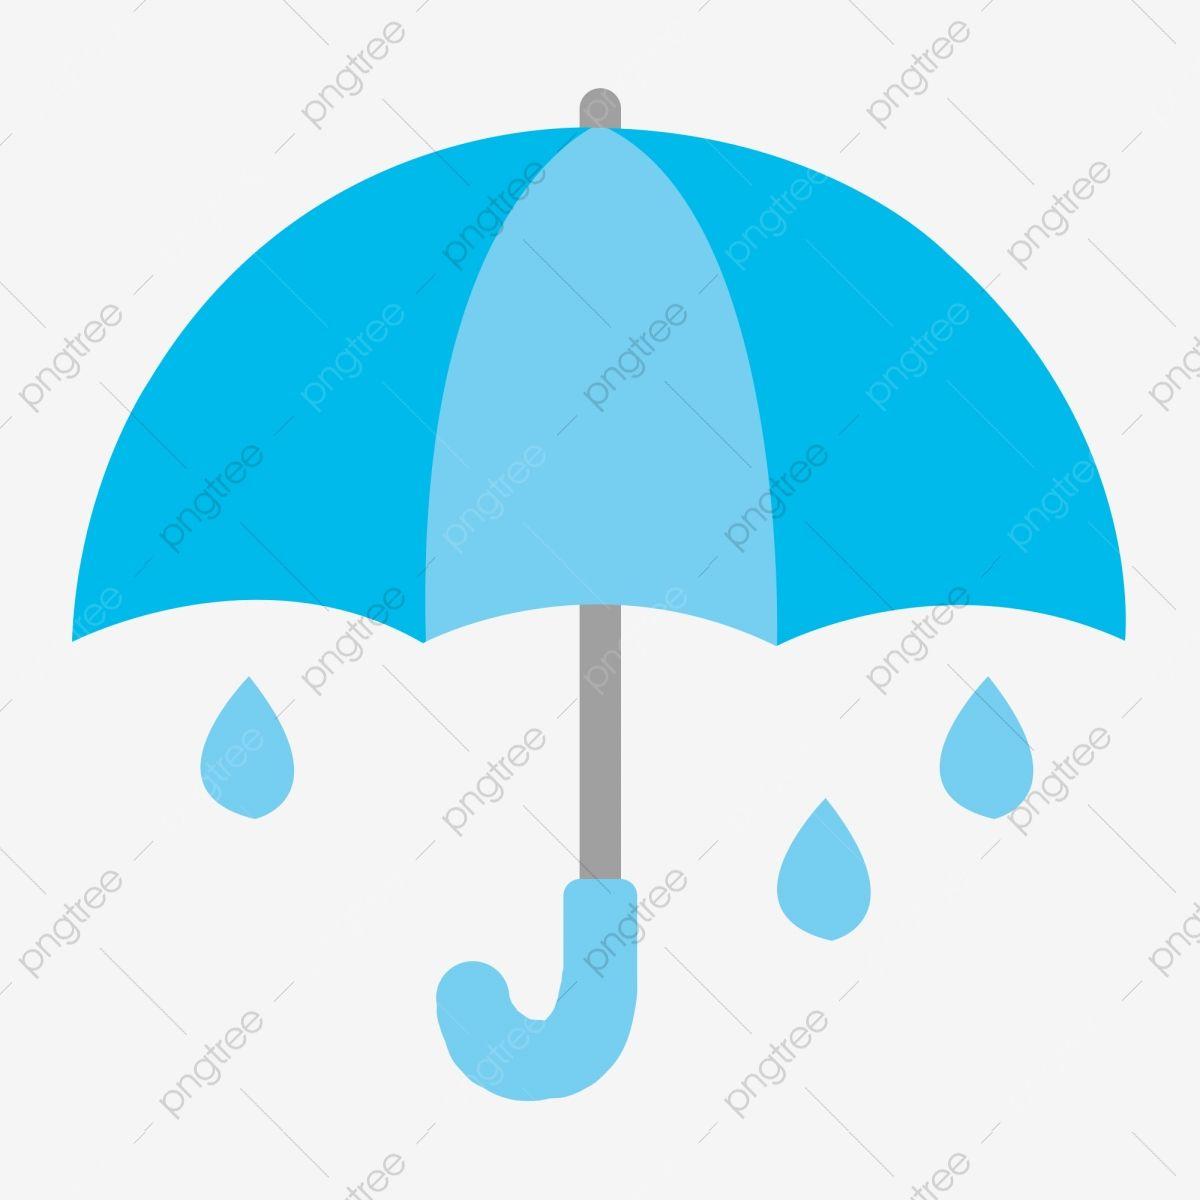 Dibujos Animados Paraguas Paraguas De Mano Paraguas Paraguas Caricatura Paraguas Paraguas De Mano Paraguas Png Y Psd Para Descargar Gratis Pngtree Imagenes De Paraguas Paraguas De Colores Plantillas De Fondo